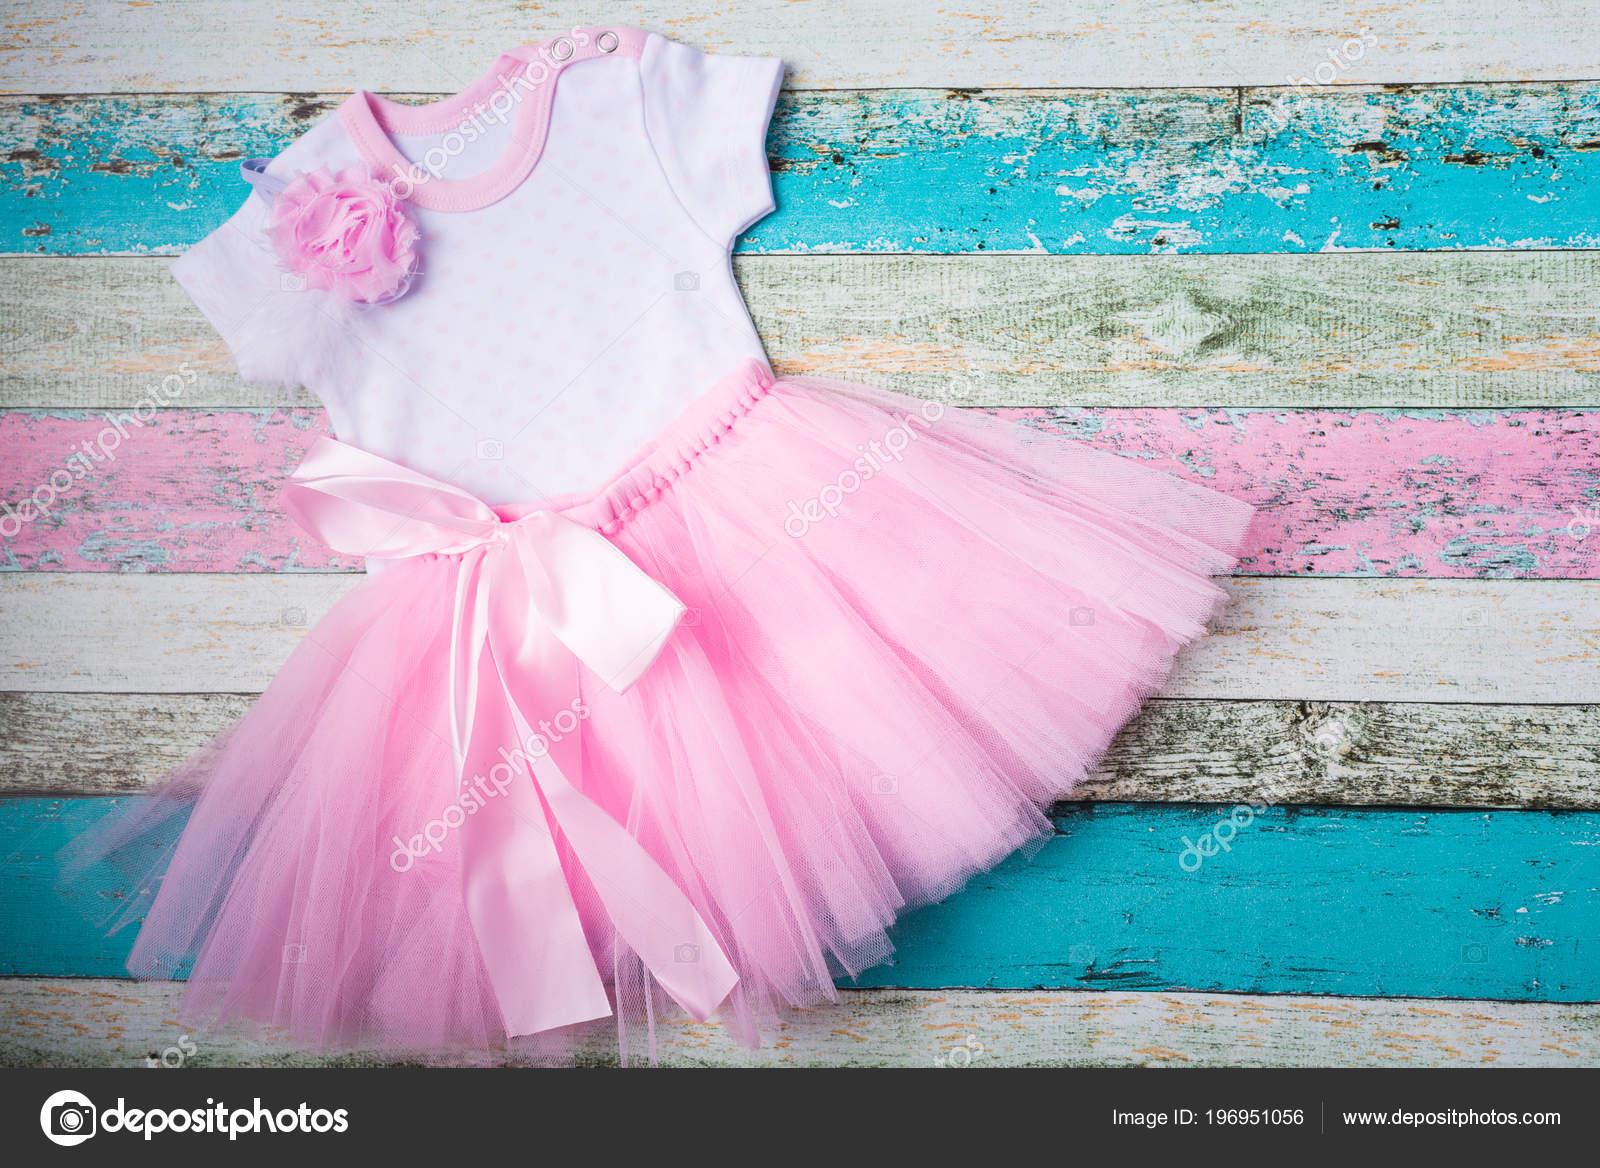 9244aebbe3 Baba szett - rózsaszín tüll szoknya, fehér Body kőr és egy gyönyörű  rózsaszín fejpánt mint pasztell fából készült háttér — Fotó szerzőtől ...